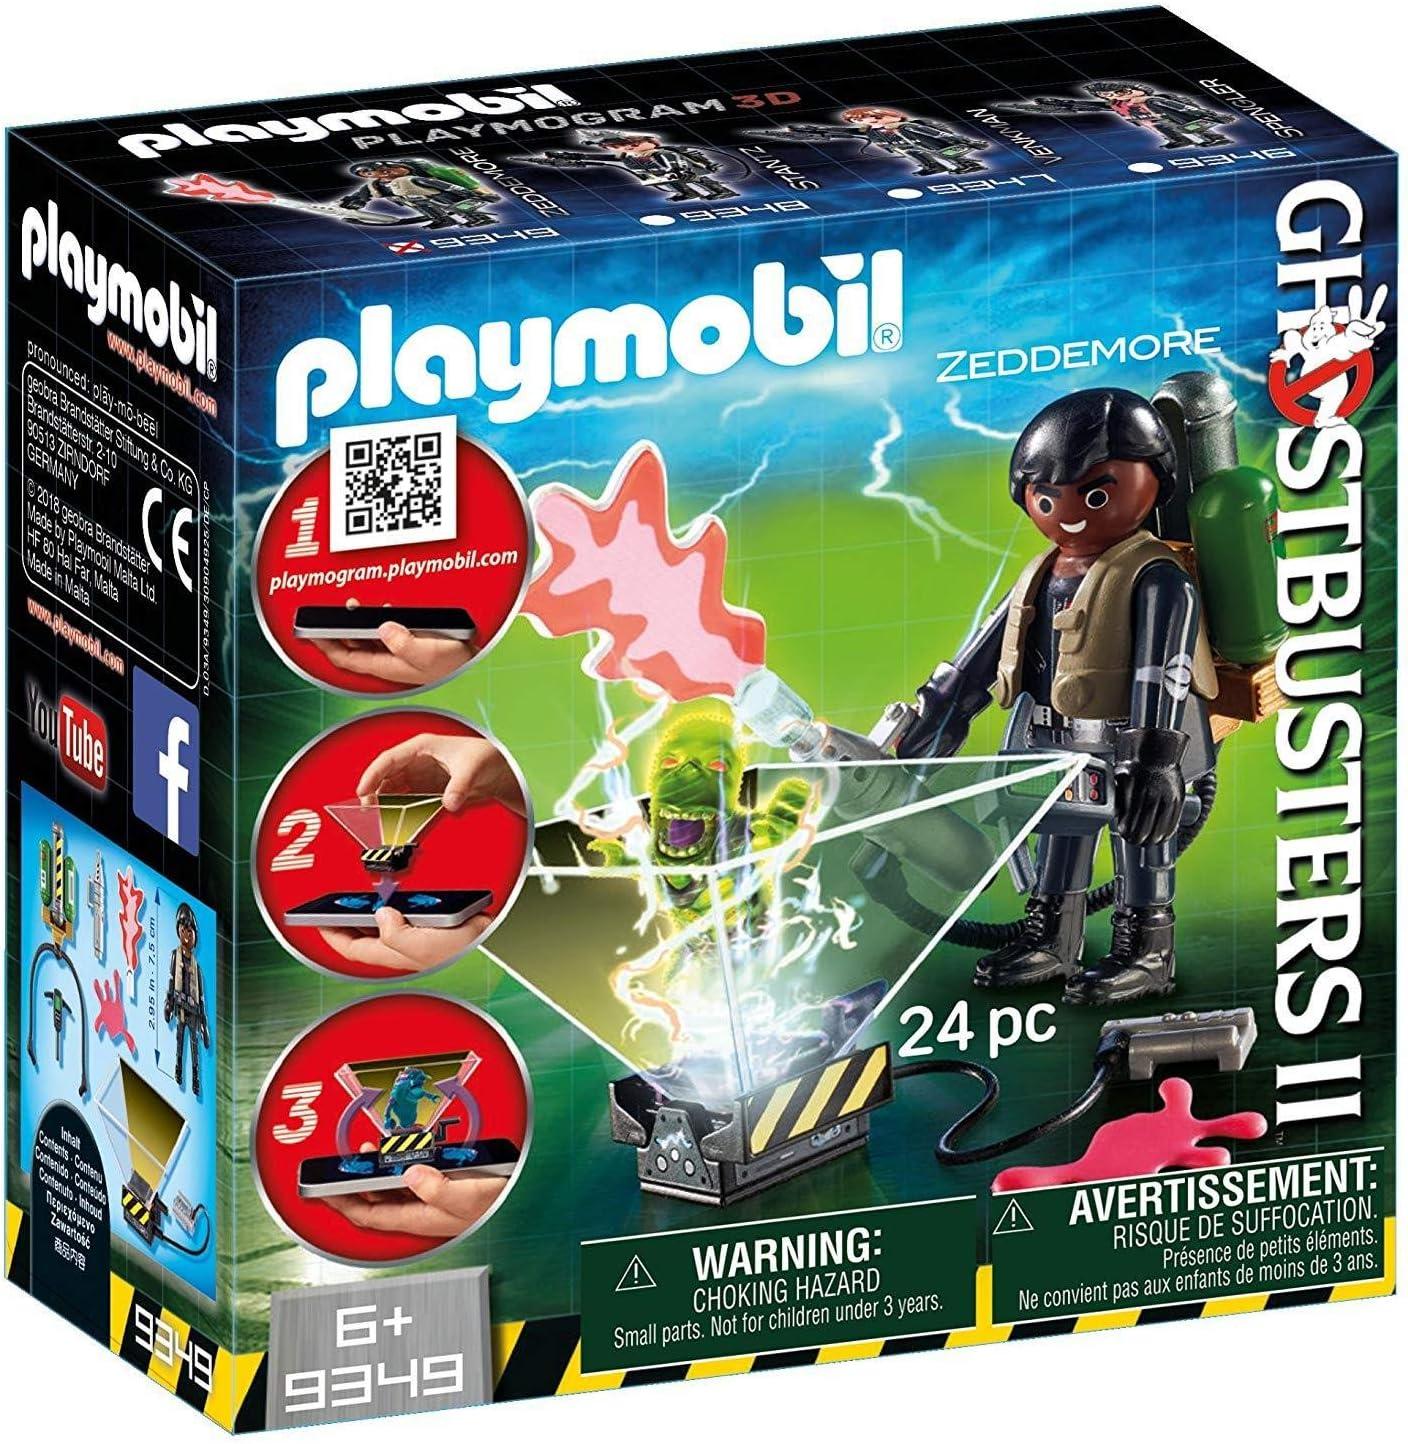 Playmobil 9349 - Ghostbusters II Winston Zeddemore: Amazon.es: Juguetes y juegos